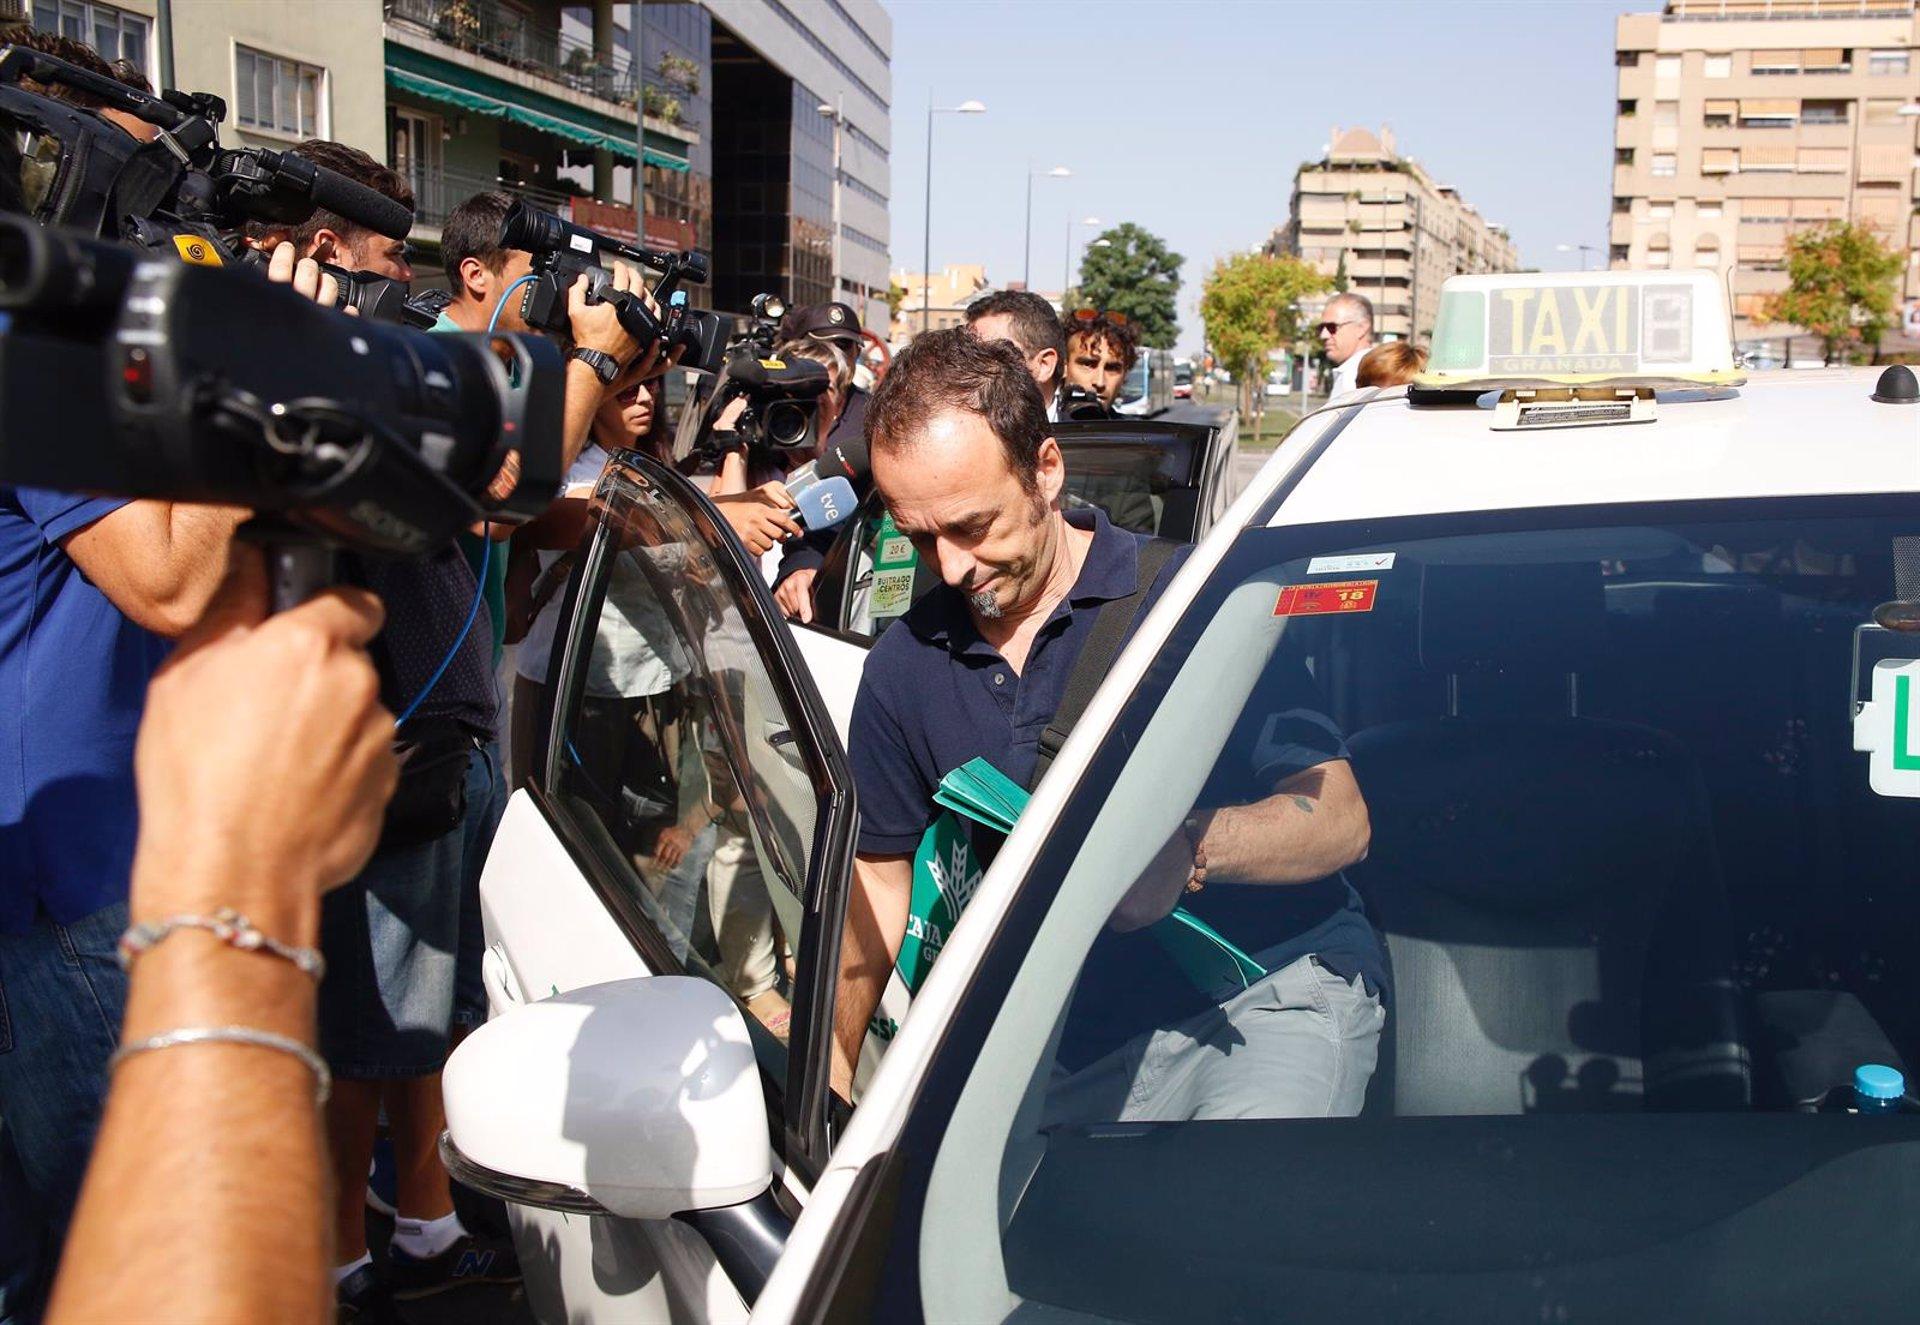 La defensa de Arcuri cree que el indulto a Juana Rivas sería «un escándalo» y agotaría las vías para revocarlo